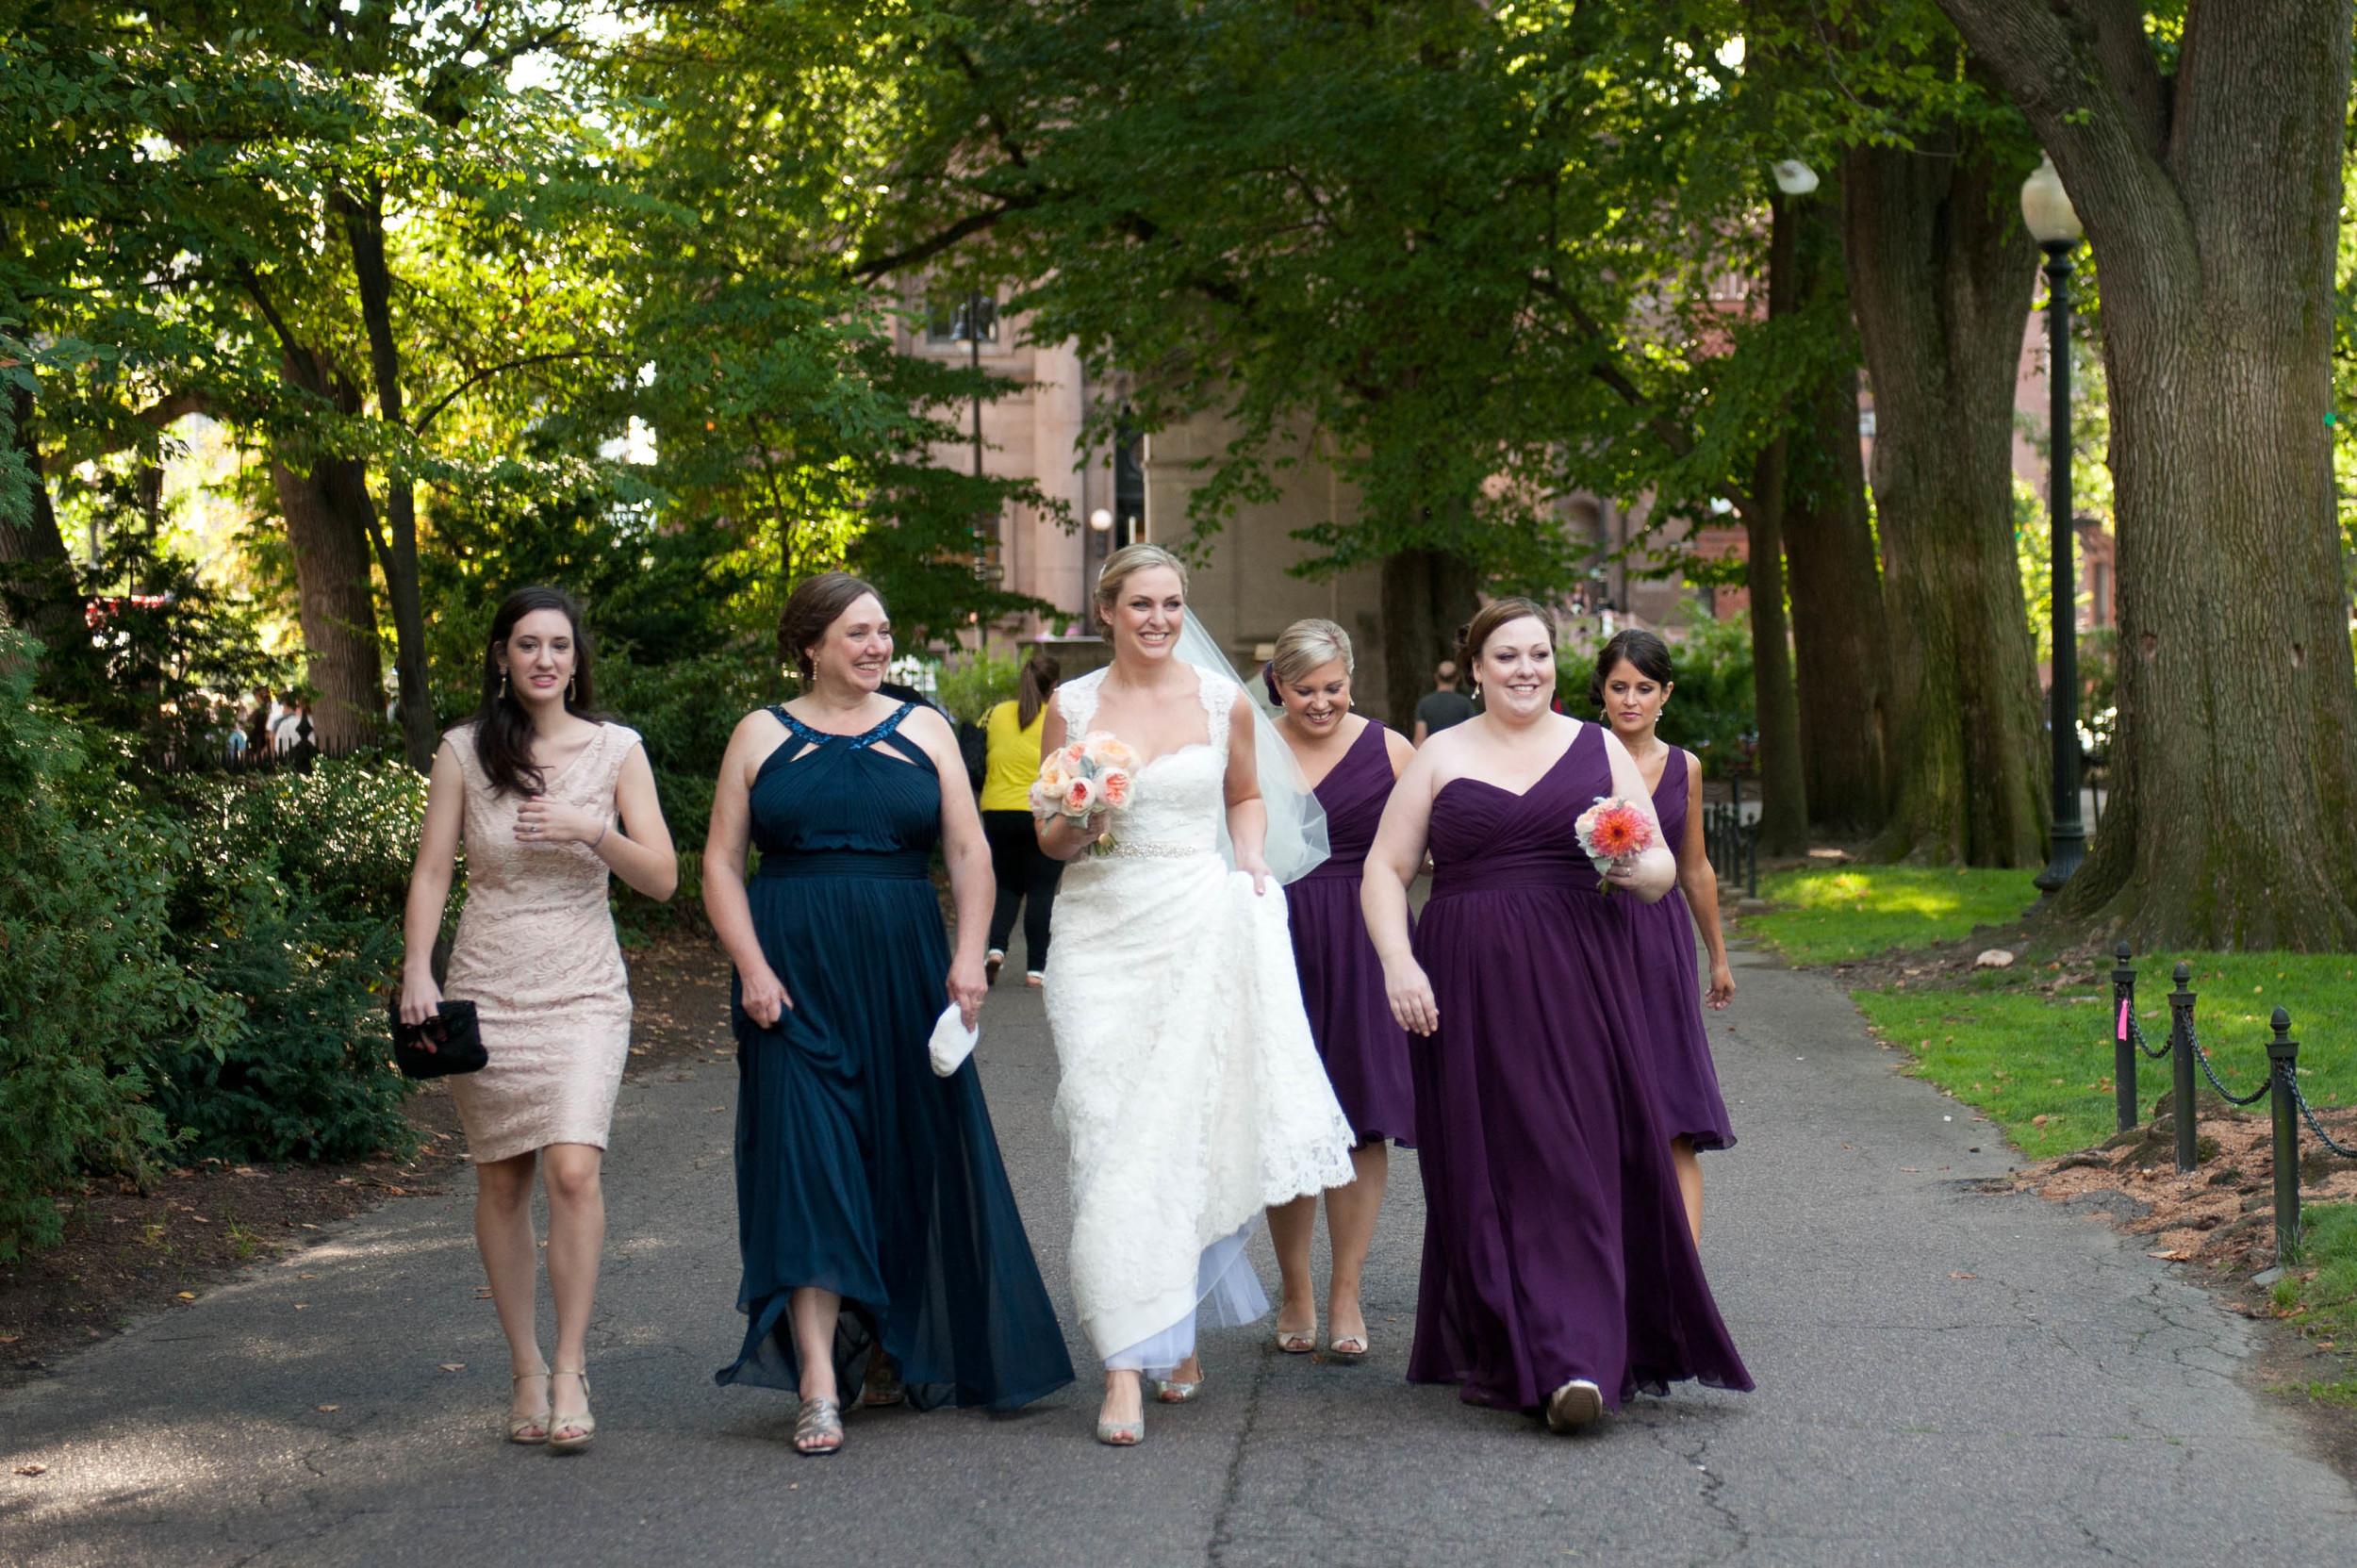 Taj_Wedding_Boston-14.jpg